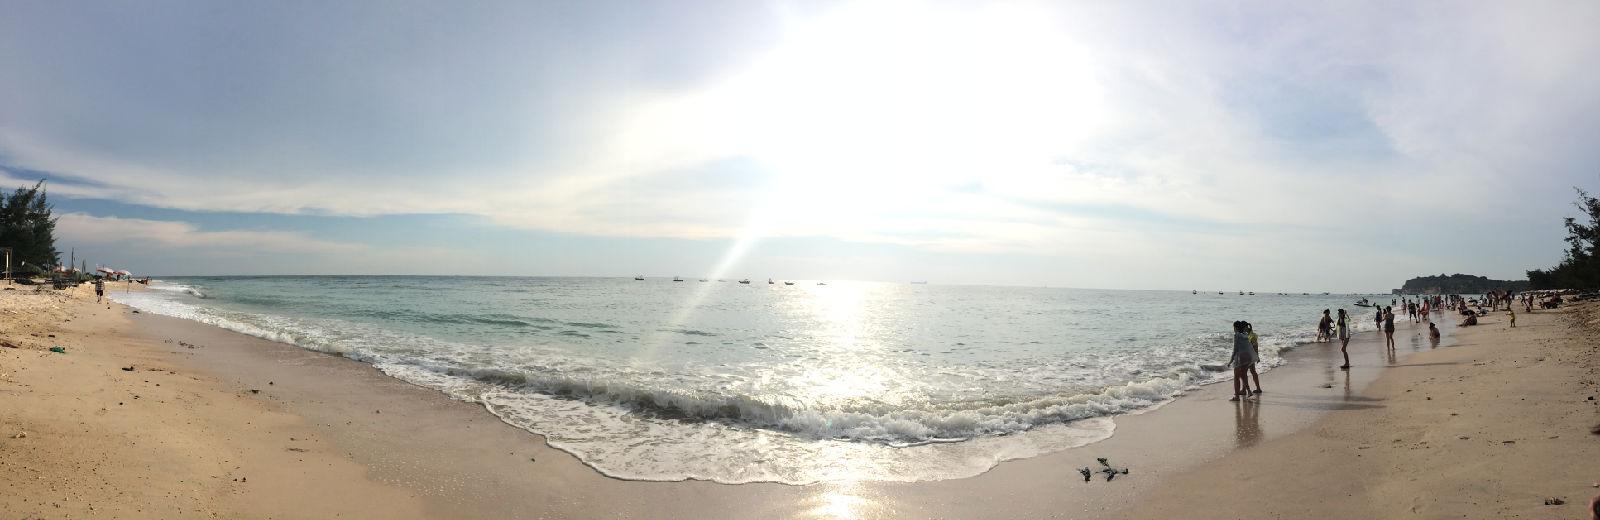 涠洲岛石螺口海滩图片